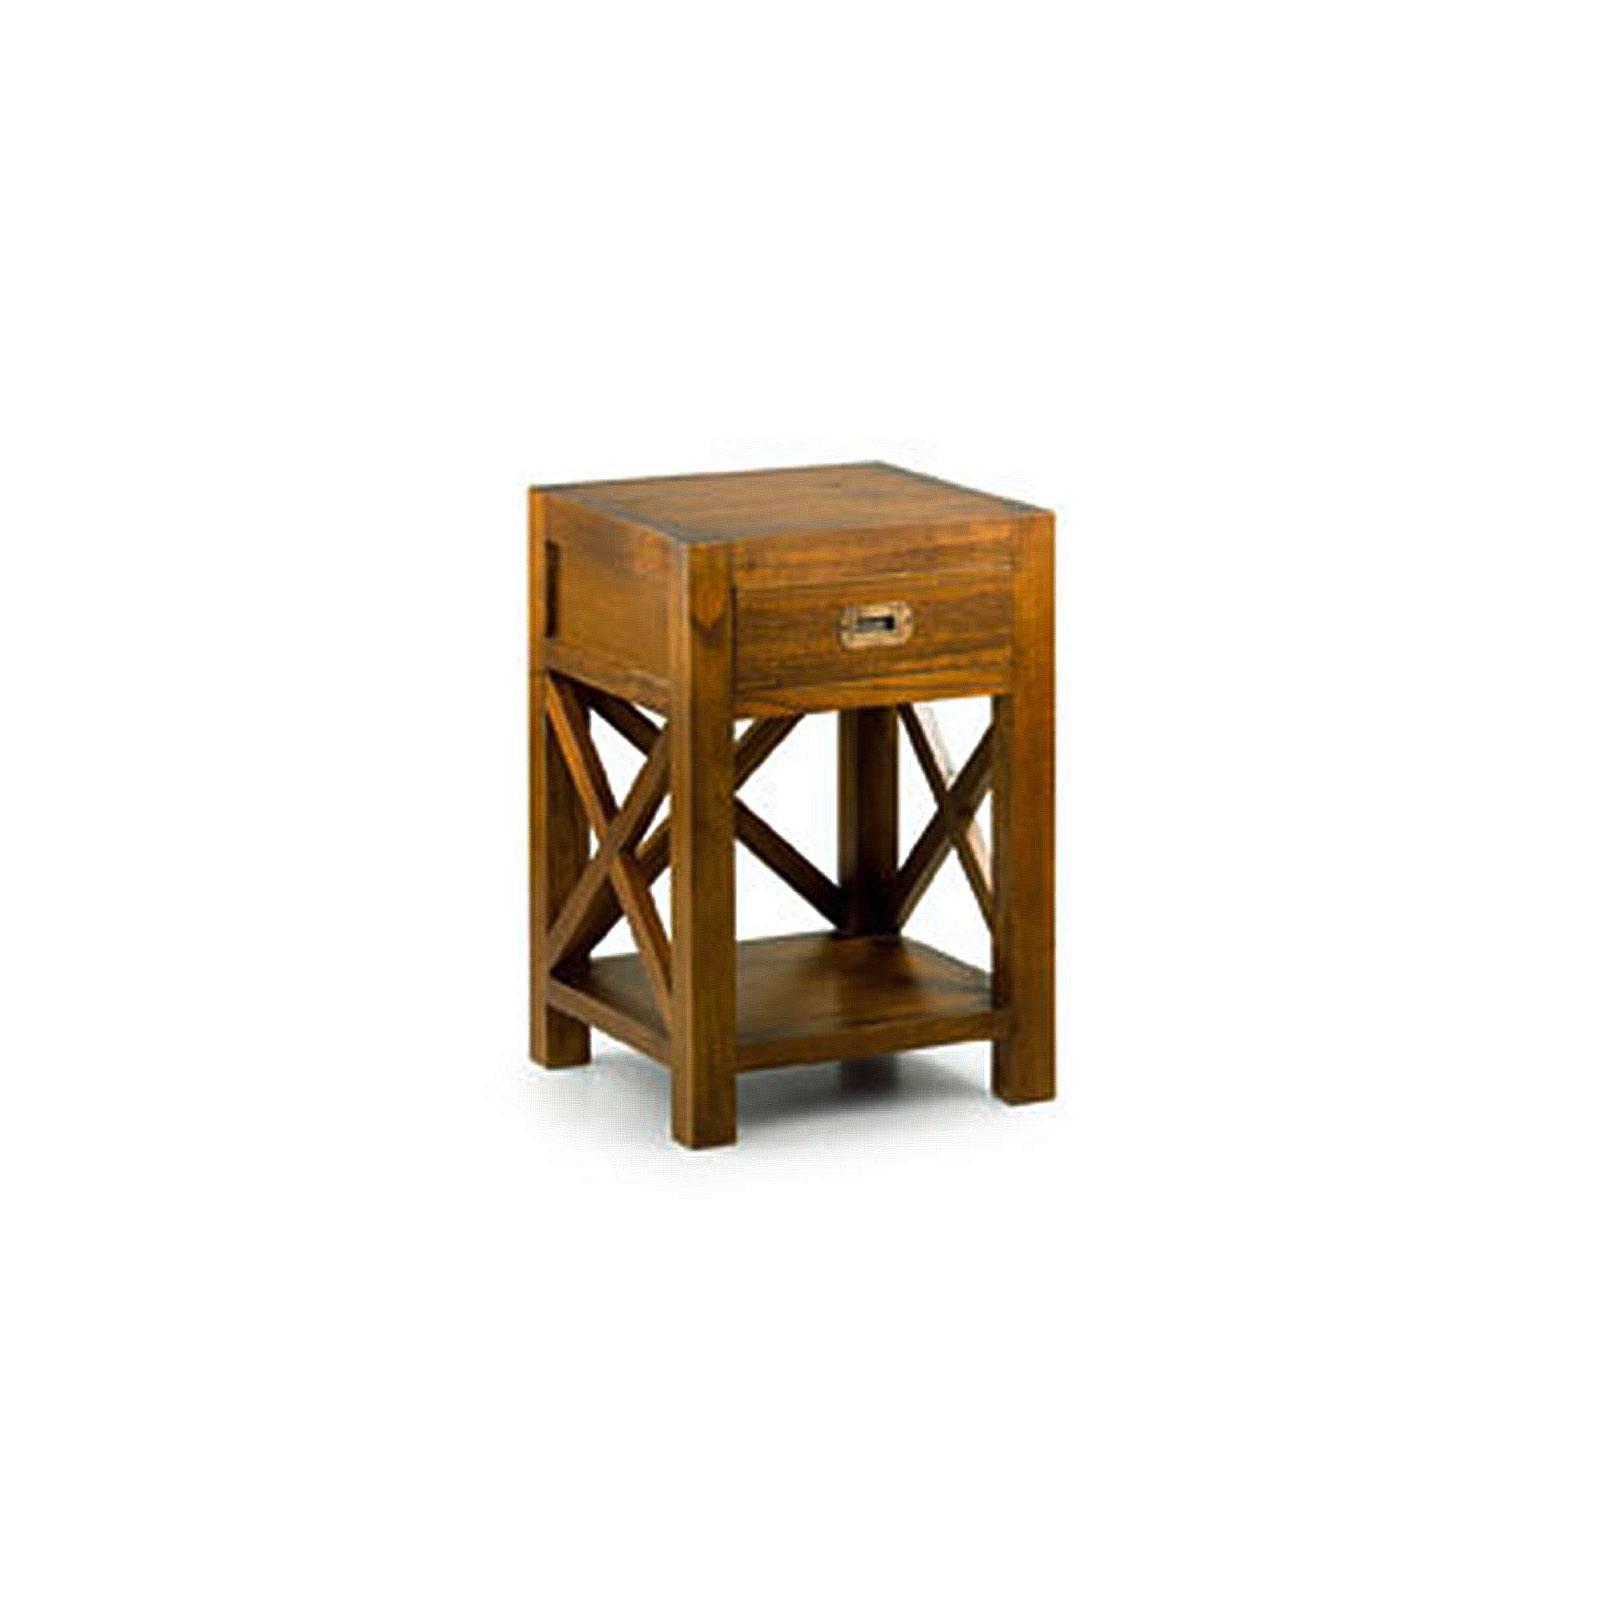 Chevet Croisillons Tali Mindy - meuble bois exotique